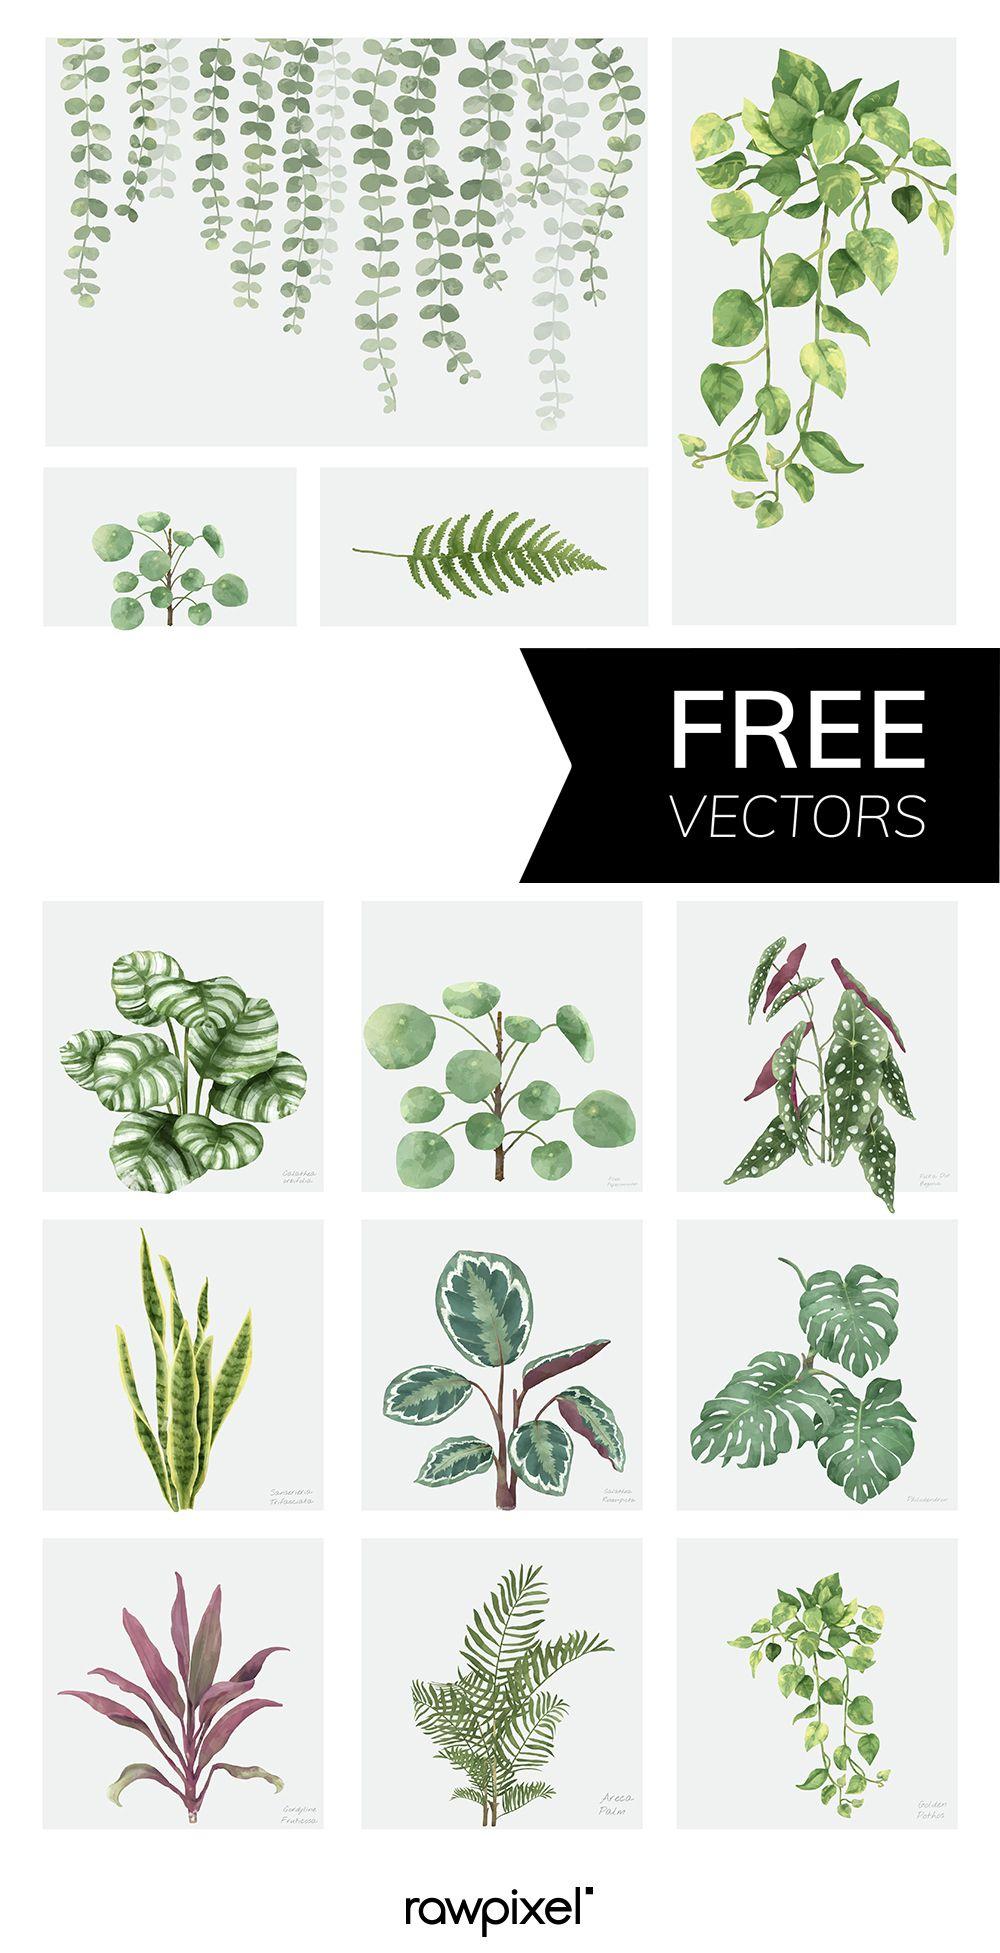 Download Free Vectors Of Watercolor At Rawpixel Com กราฟ กด ไซน